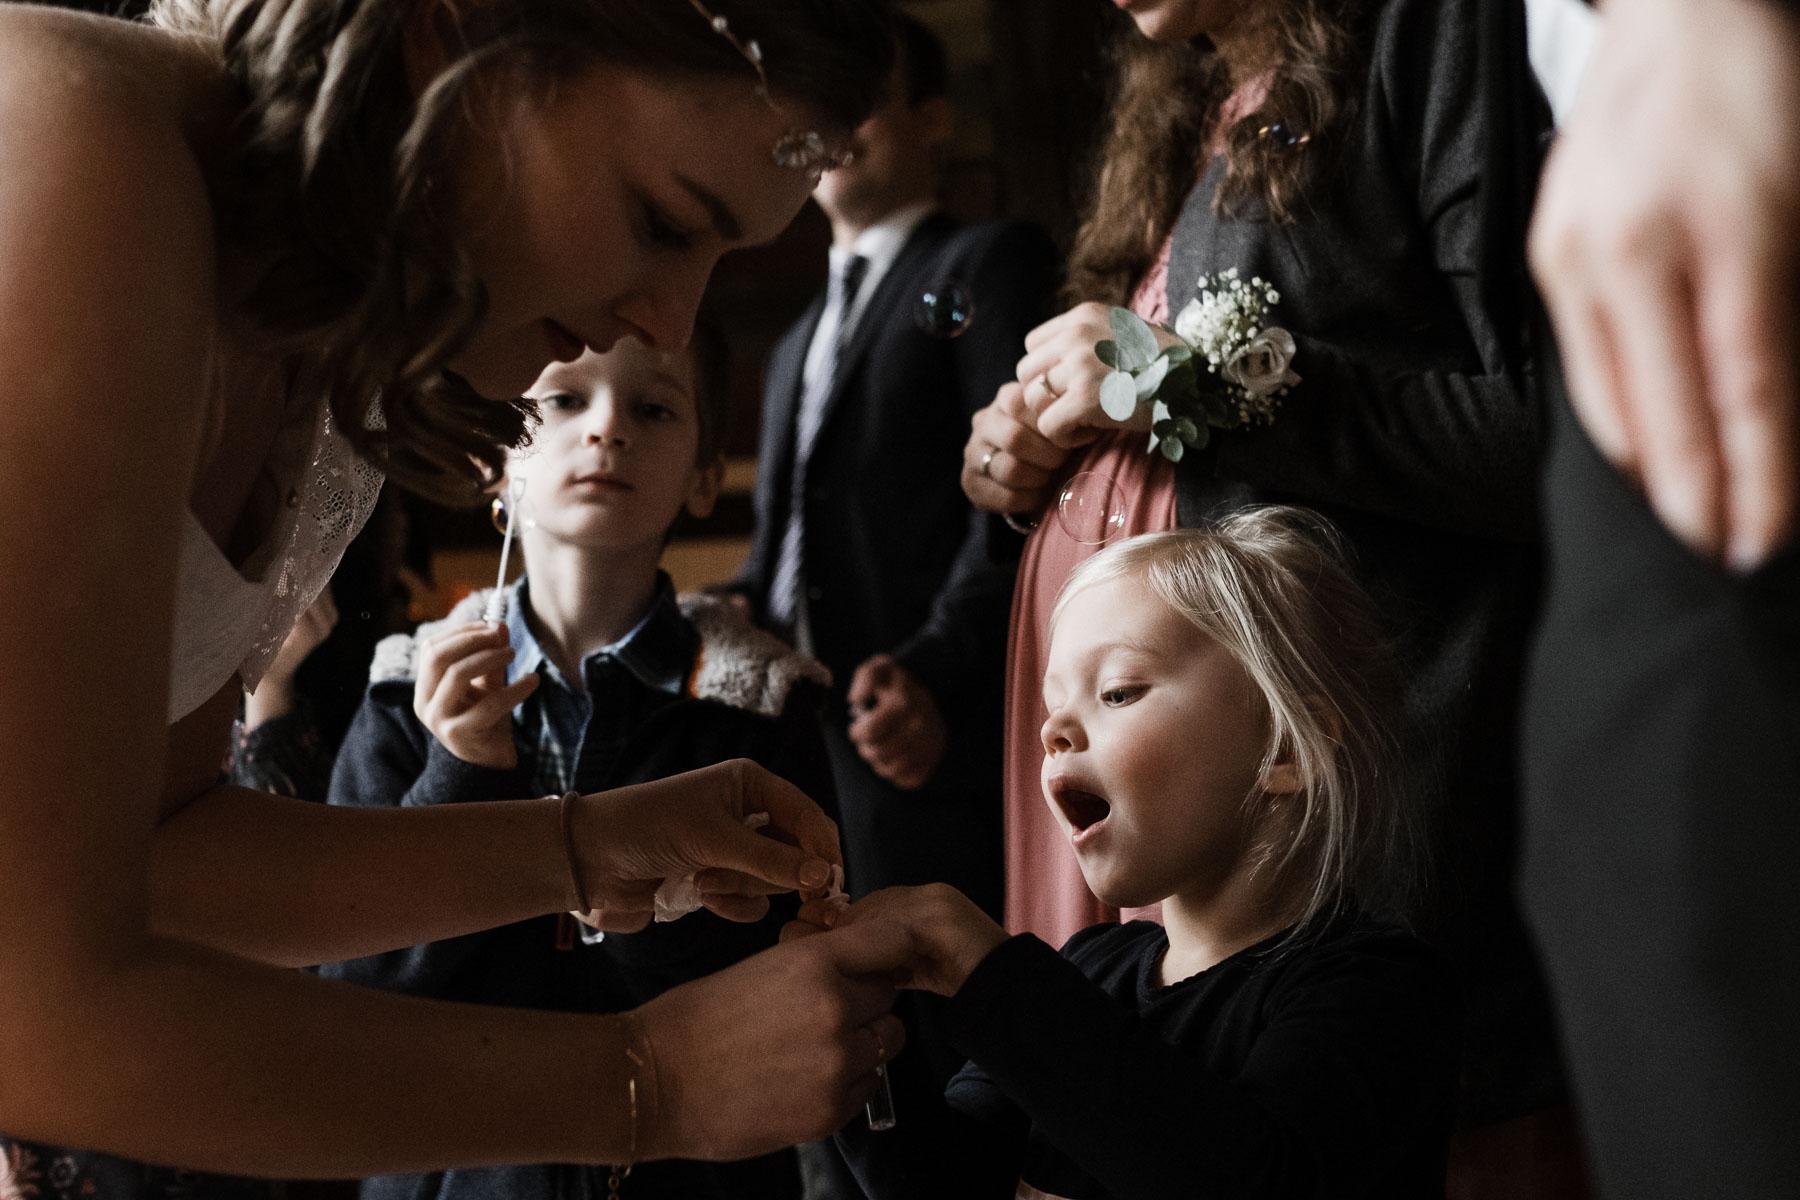 die Braut bückt sich nach unten zu einem kleinen Mädchen, das Mädchen öffnet den Mund, um sie herum stehen andere Gäste